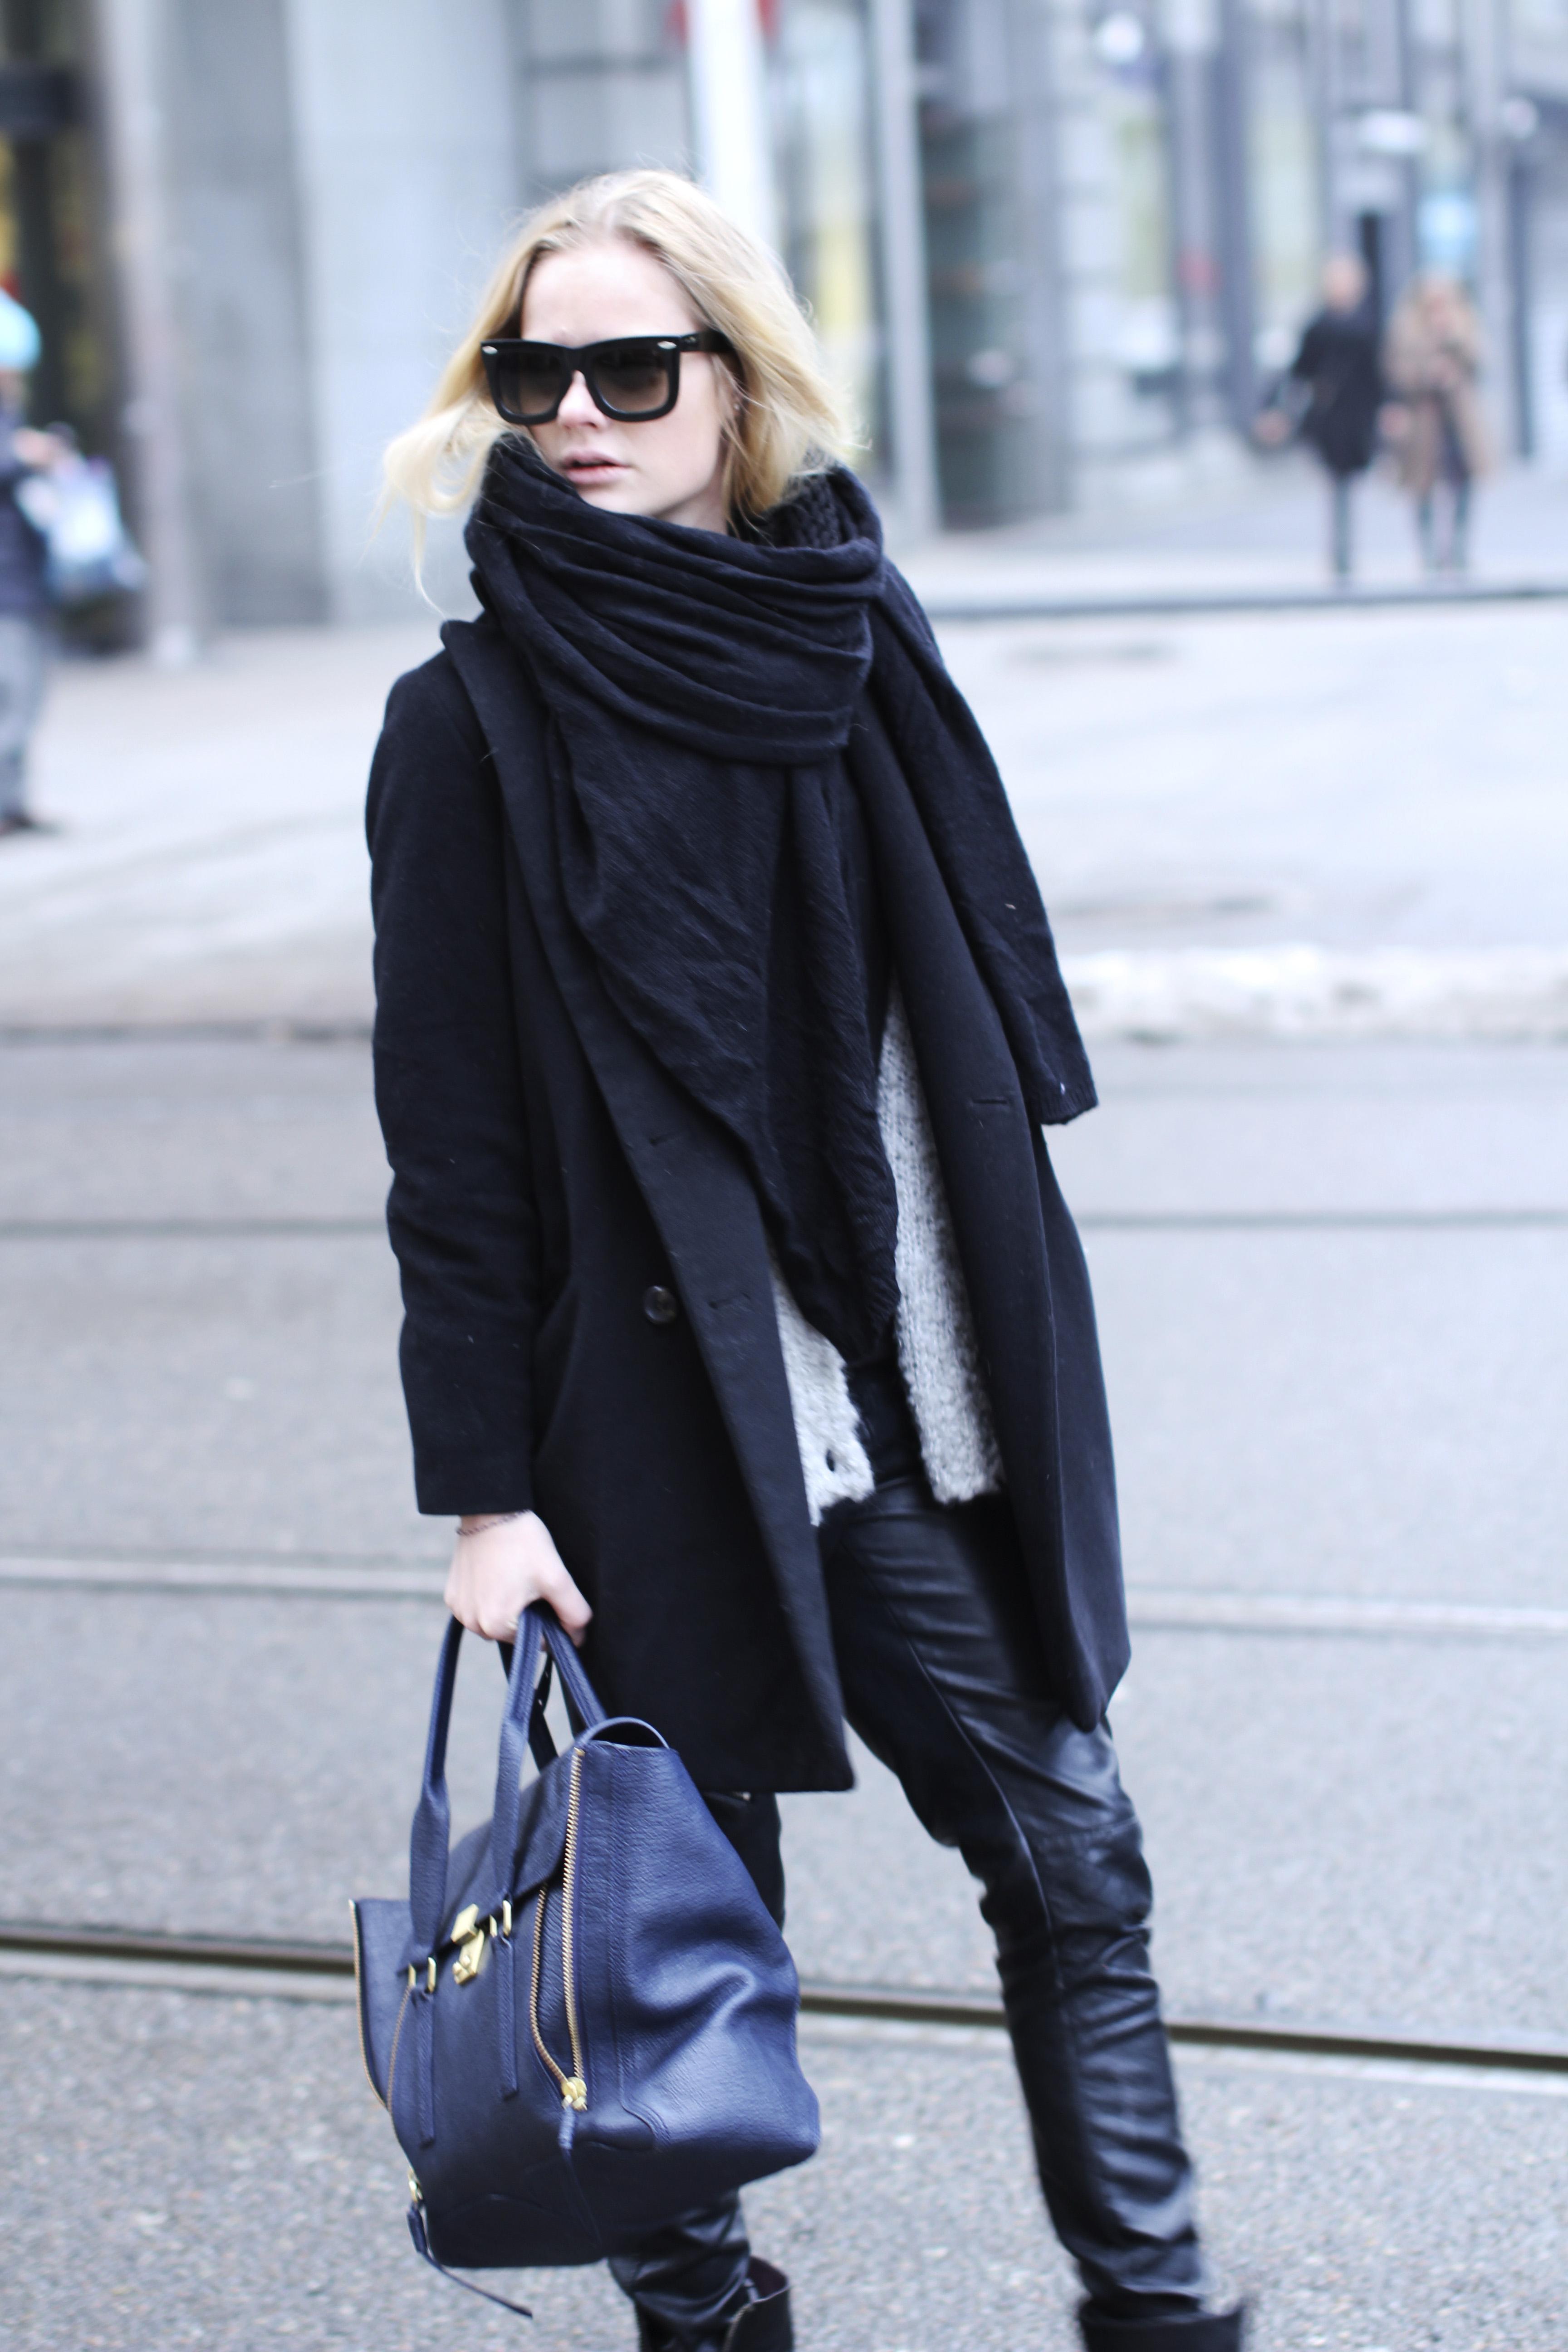 stellamoniq | fashion, beauty, love..life